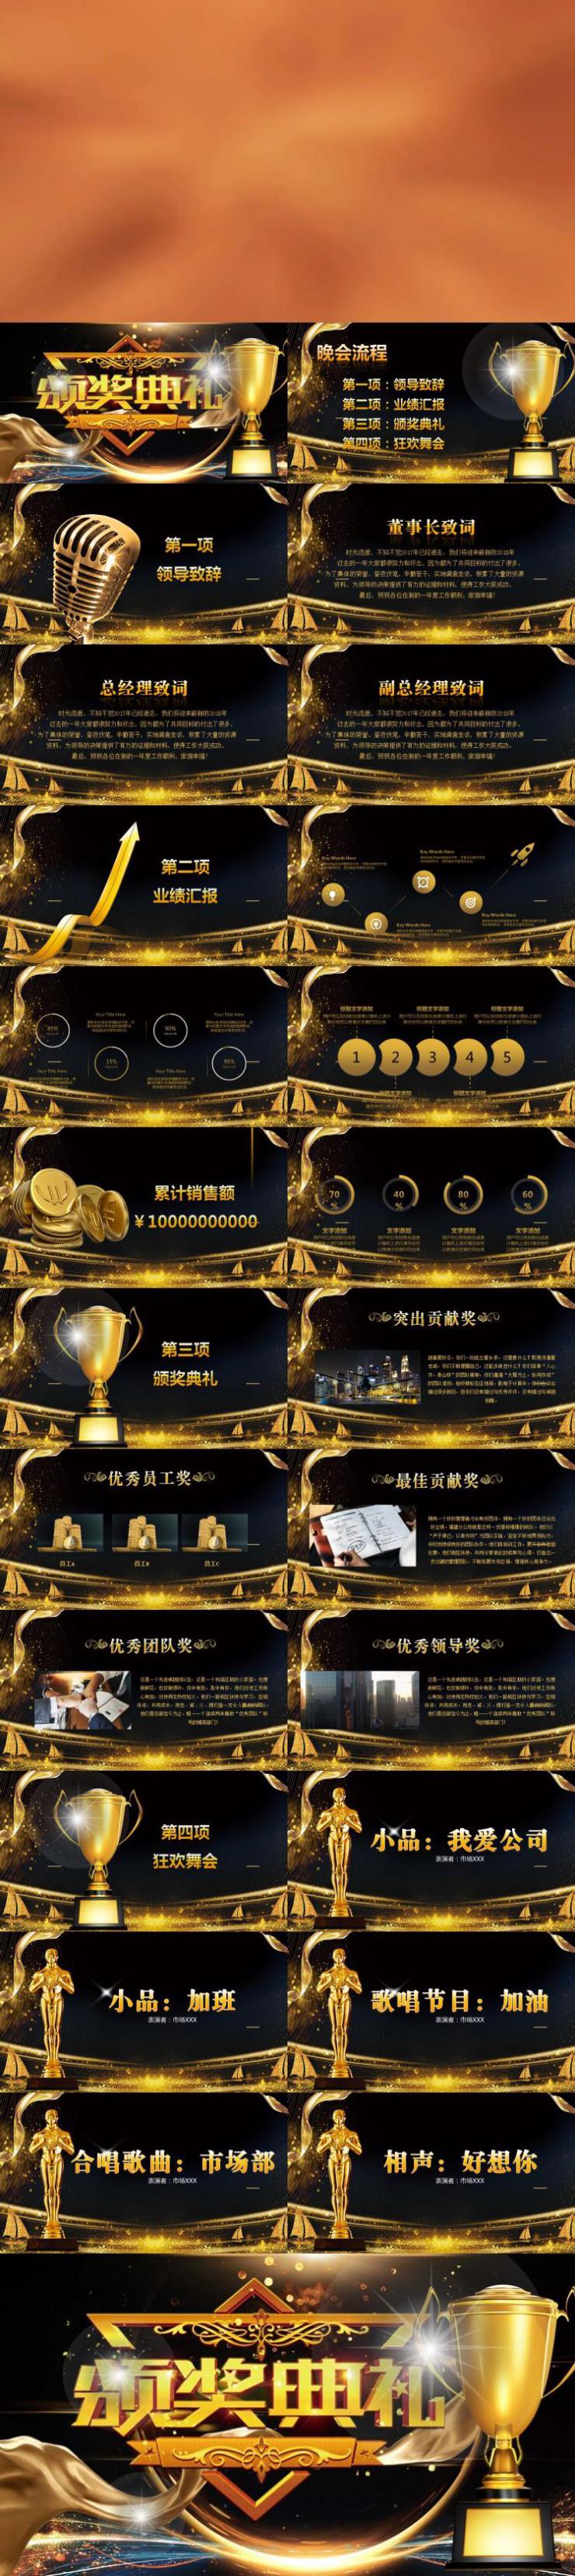 最新2019年会颁奖典礼PPT模板下载